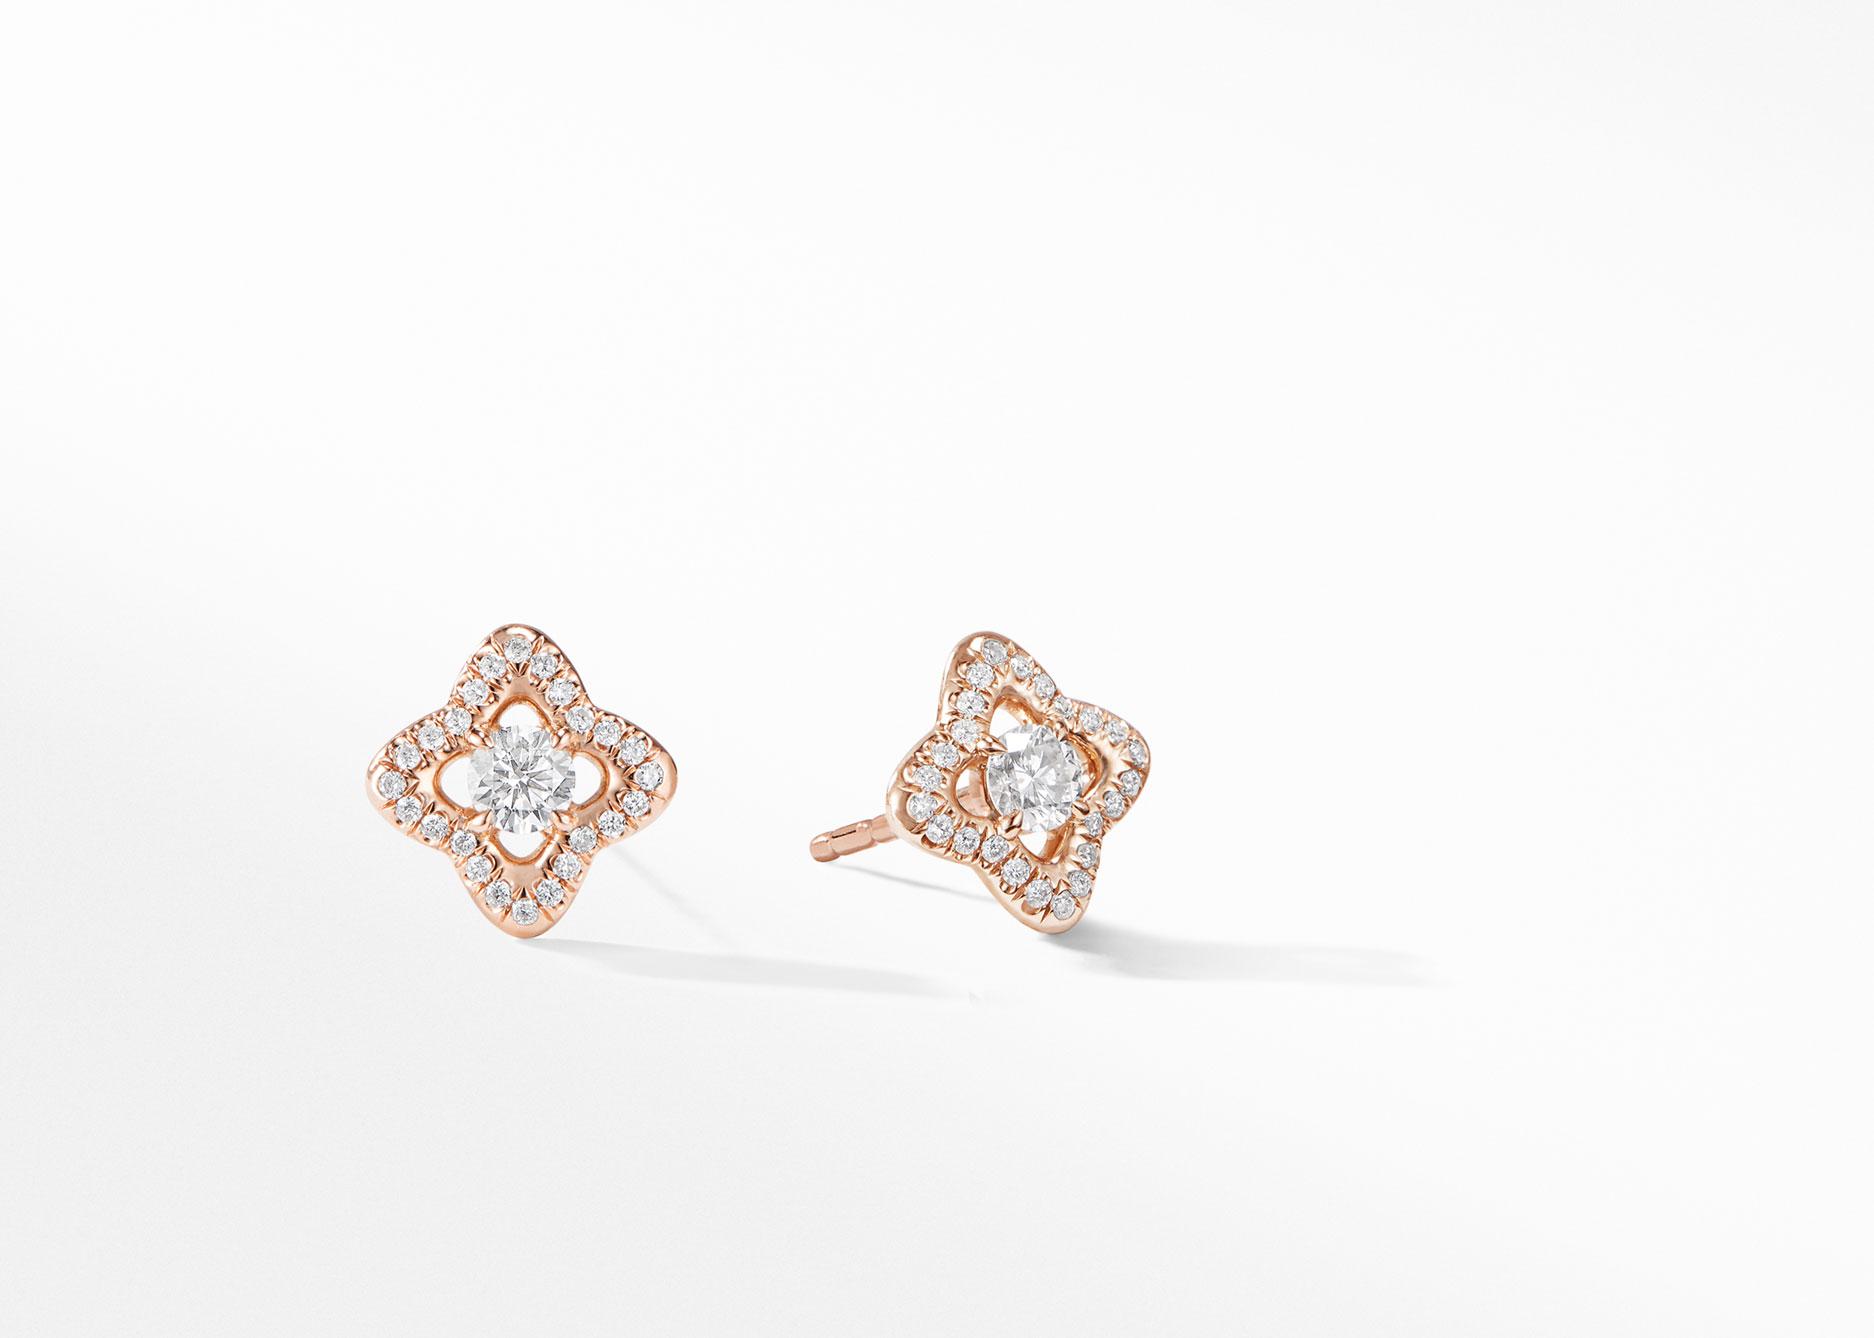 diamonds_earringsimages_davidyurman.jpg